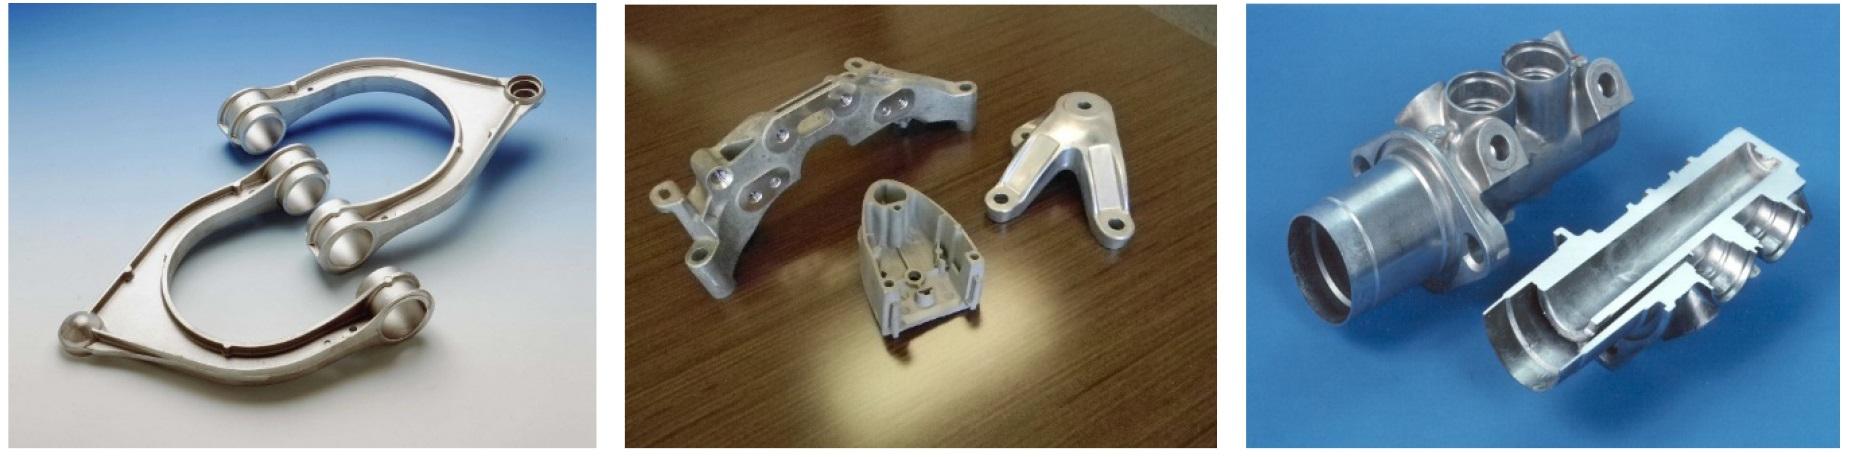 Pièces en aluminium obtenues par procédé d'injection en phase semi-solide